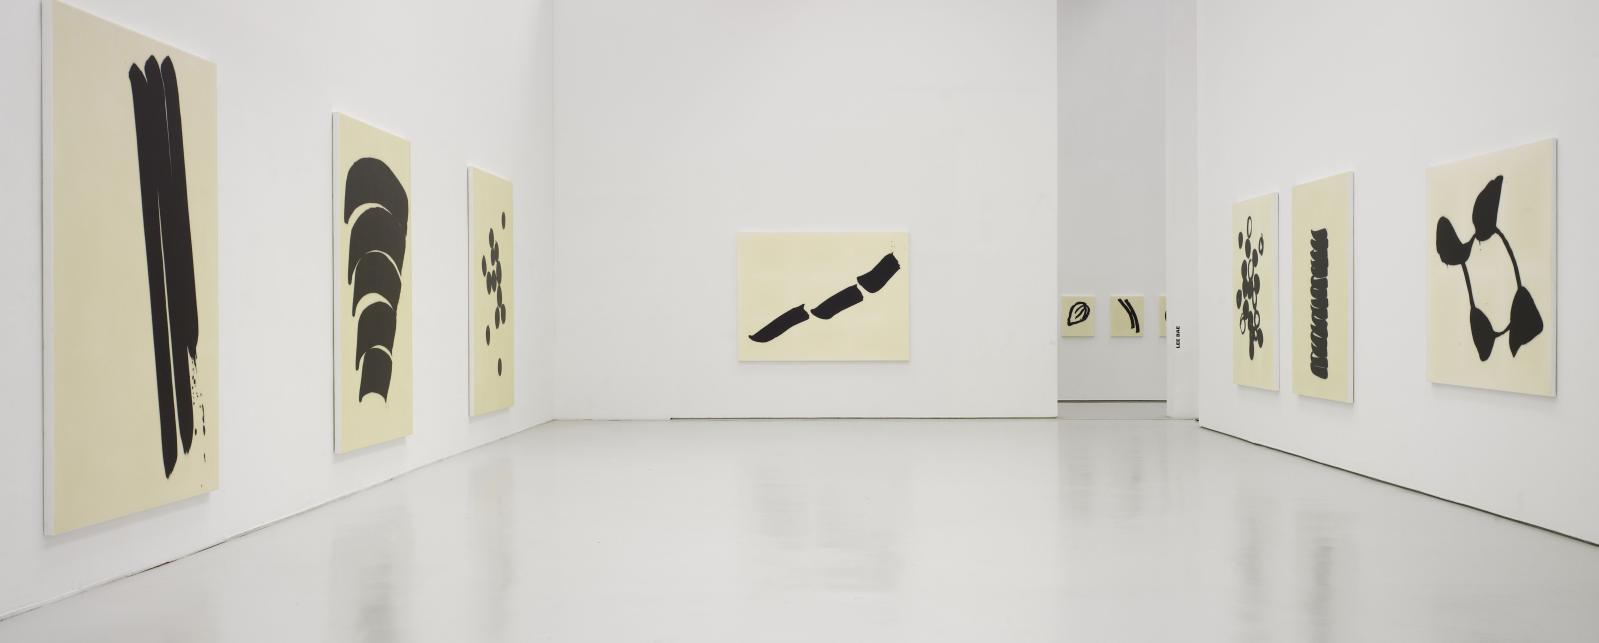 Vue de l'exposition «Lee Bae» au musée d'art moderne de Saint-Étienne Métropole, en 2011.